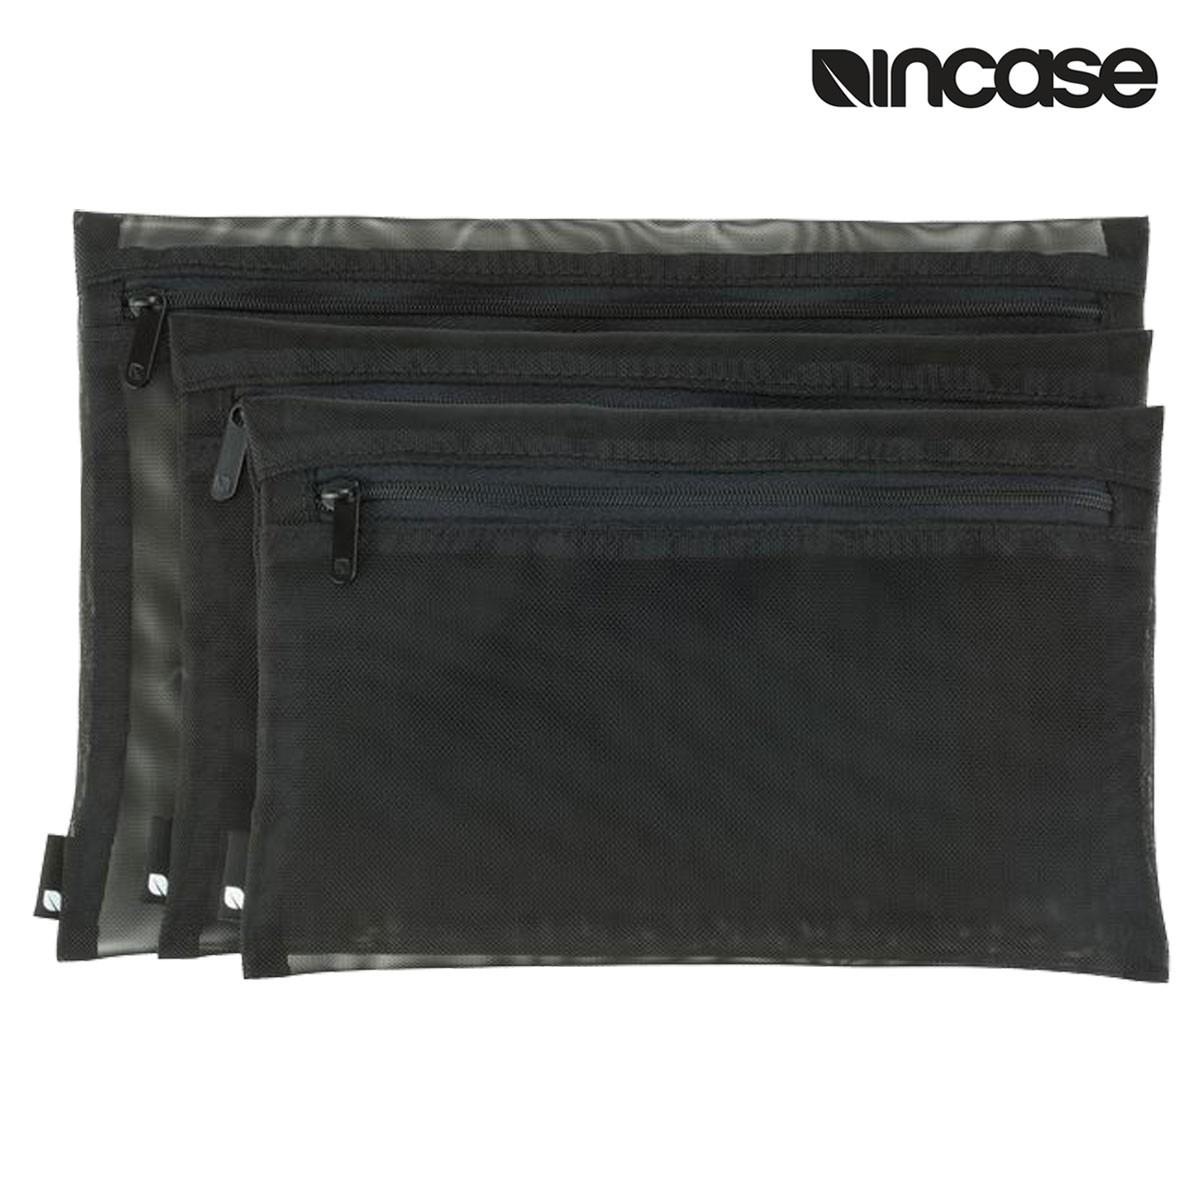 INCASE インケース ケース ジップケース ZIP POUCH 3 PACK INTR400180 レディース メンズ ブラック [4/11 新入荷]